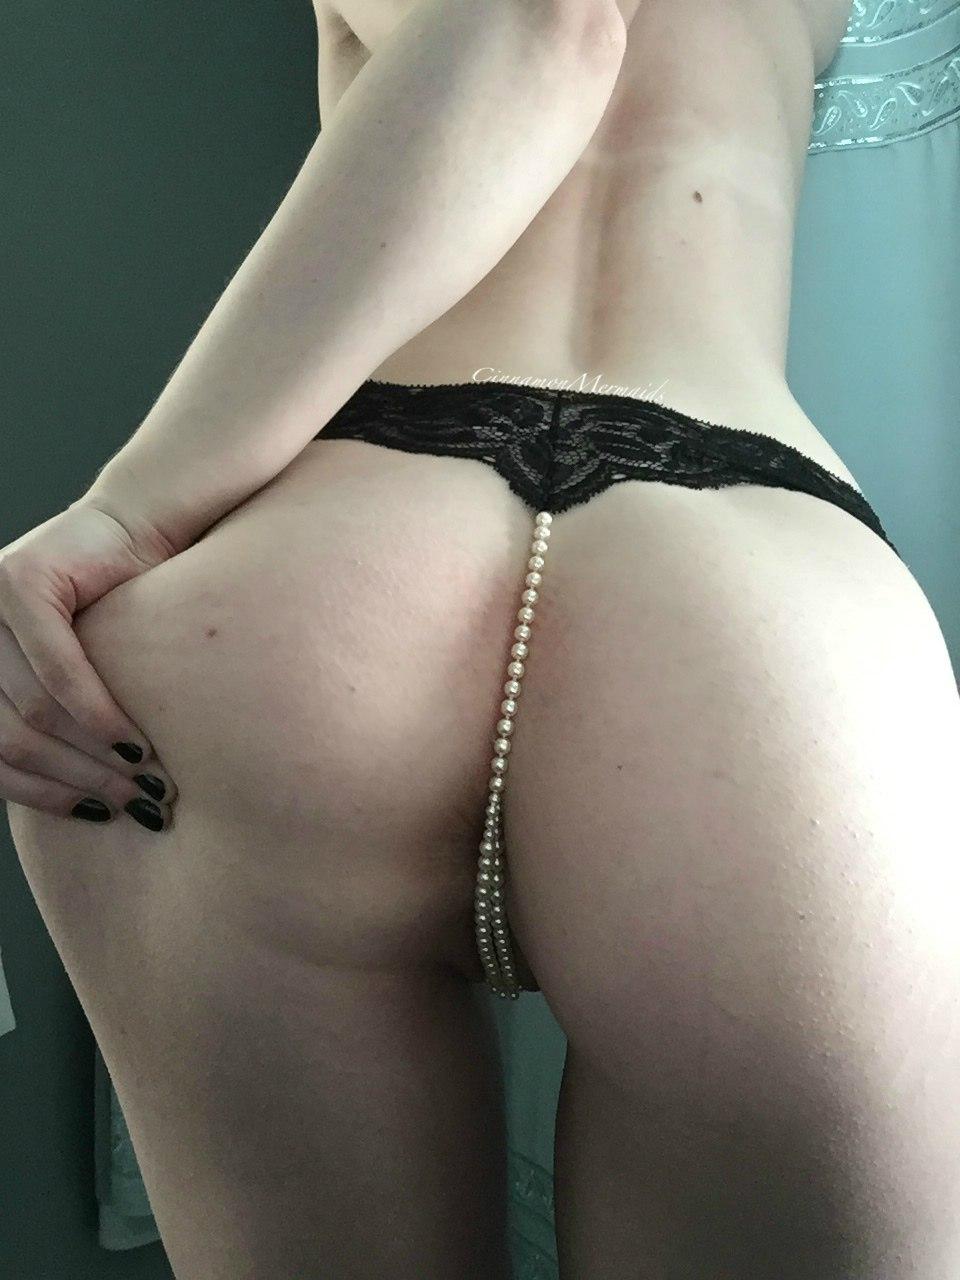 Узкая вагина и сиськи 18летней девицы в трусиках и голом виде секс фото и порно фото